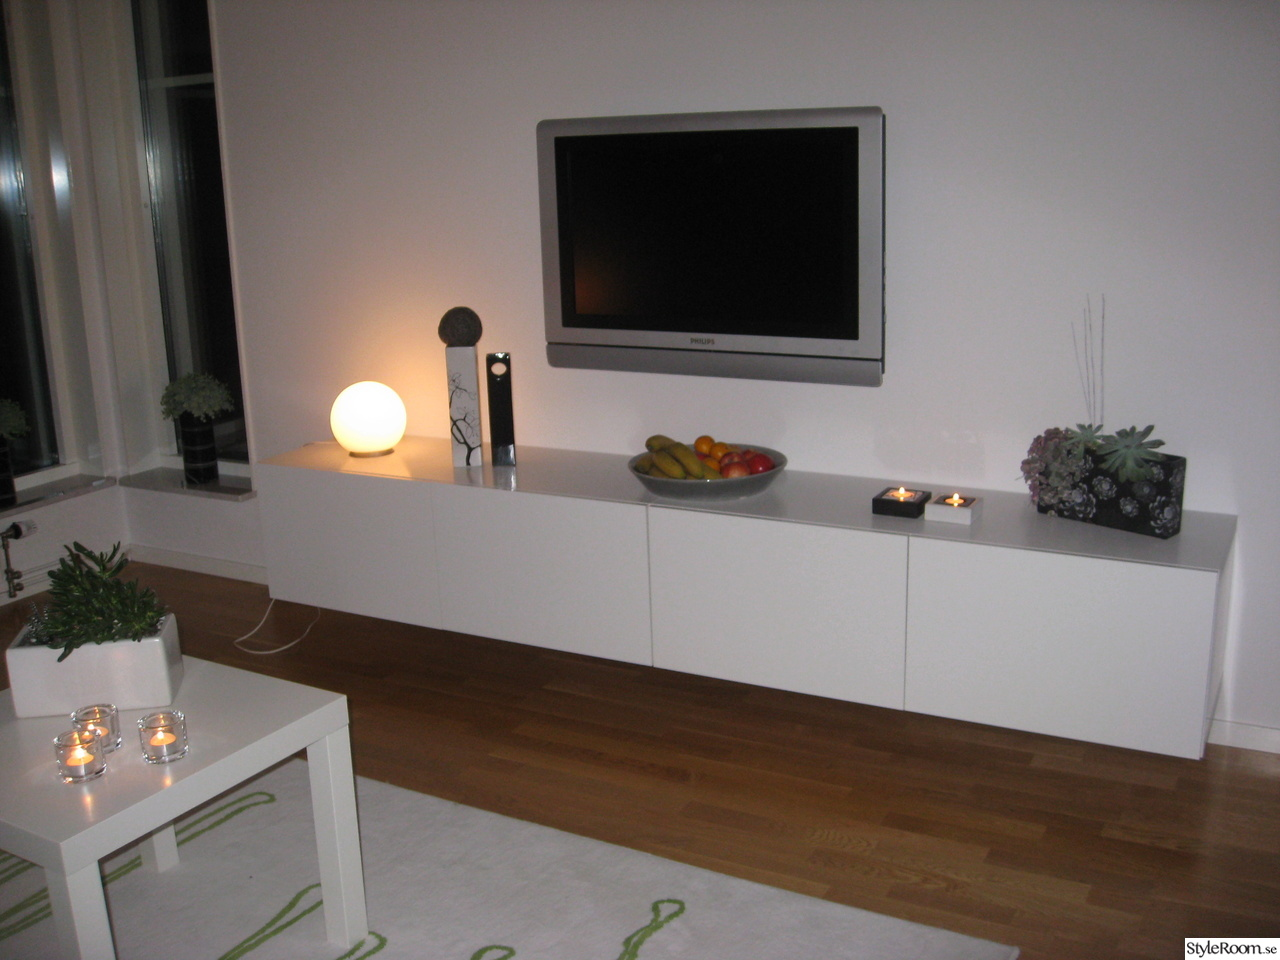 Tv bänk   inspiration och idéer till ditt hem